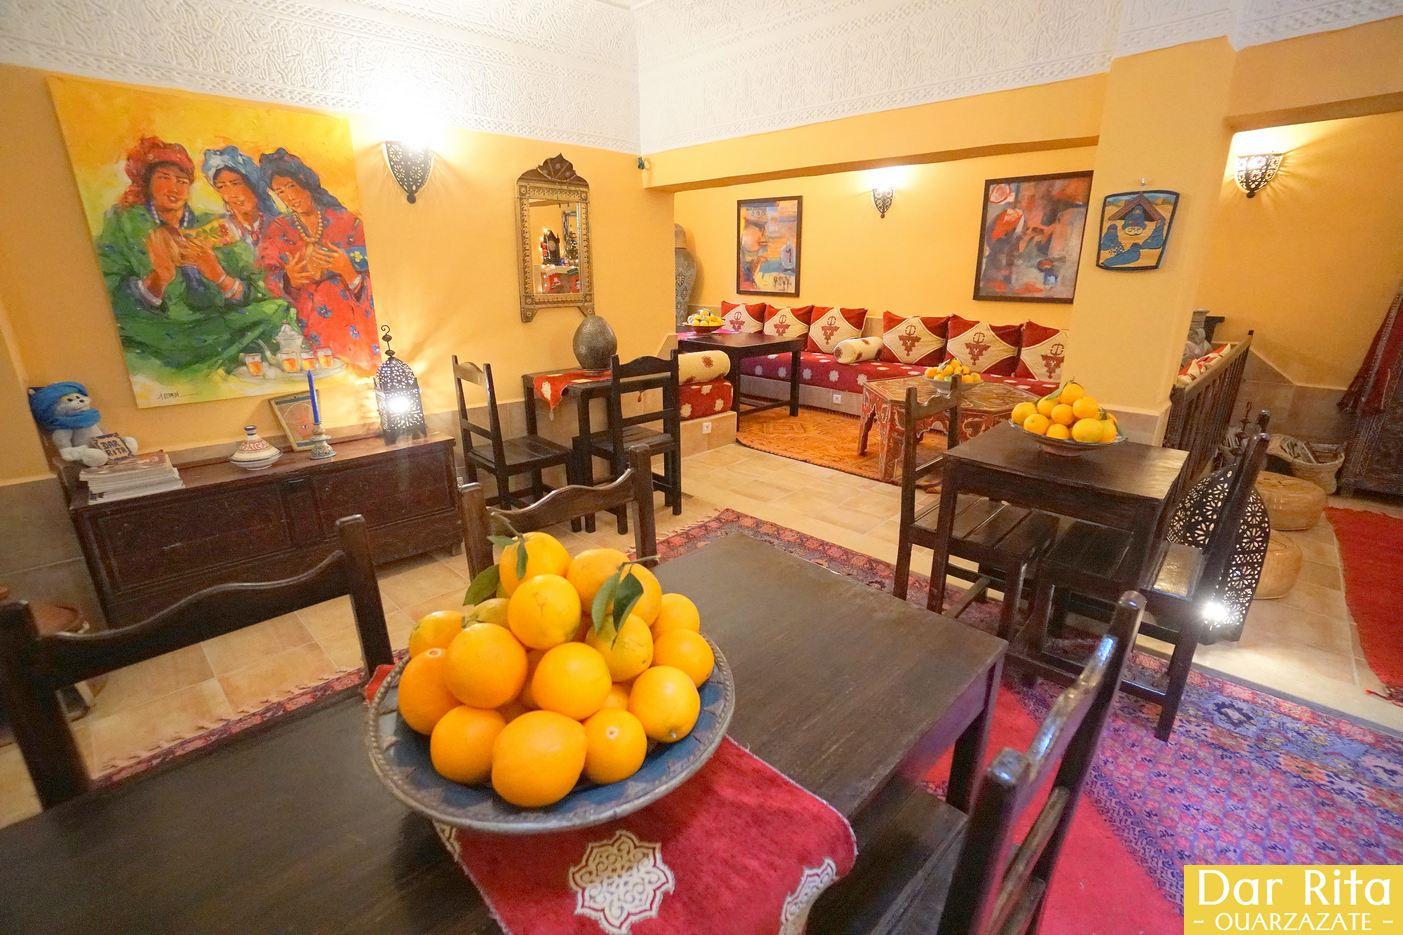 O meu hotel em Marrocos: Riad Dar Rita em Ouarzazate 3